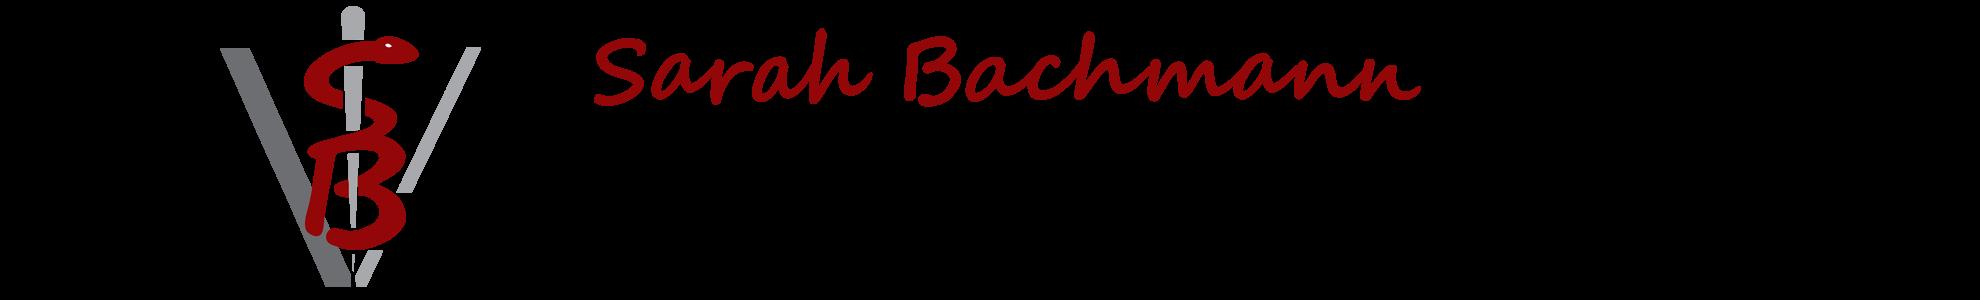 Tierarztpraxis Sarah Bachmann